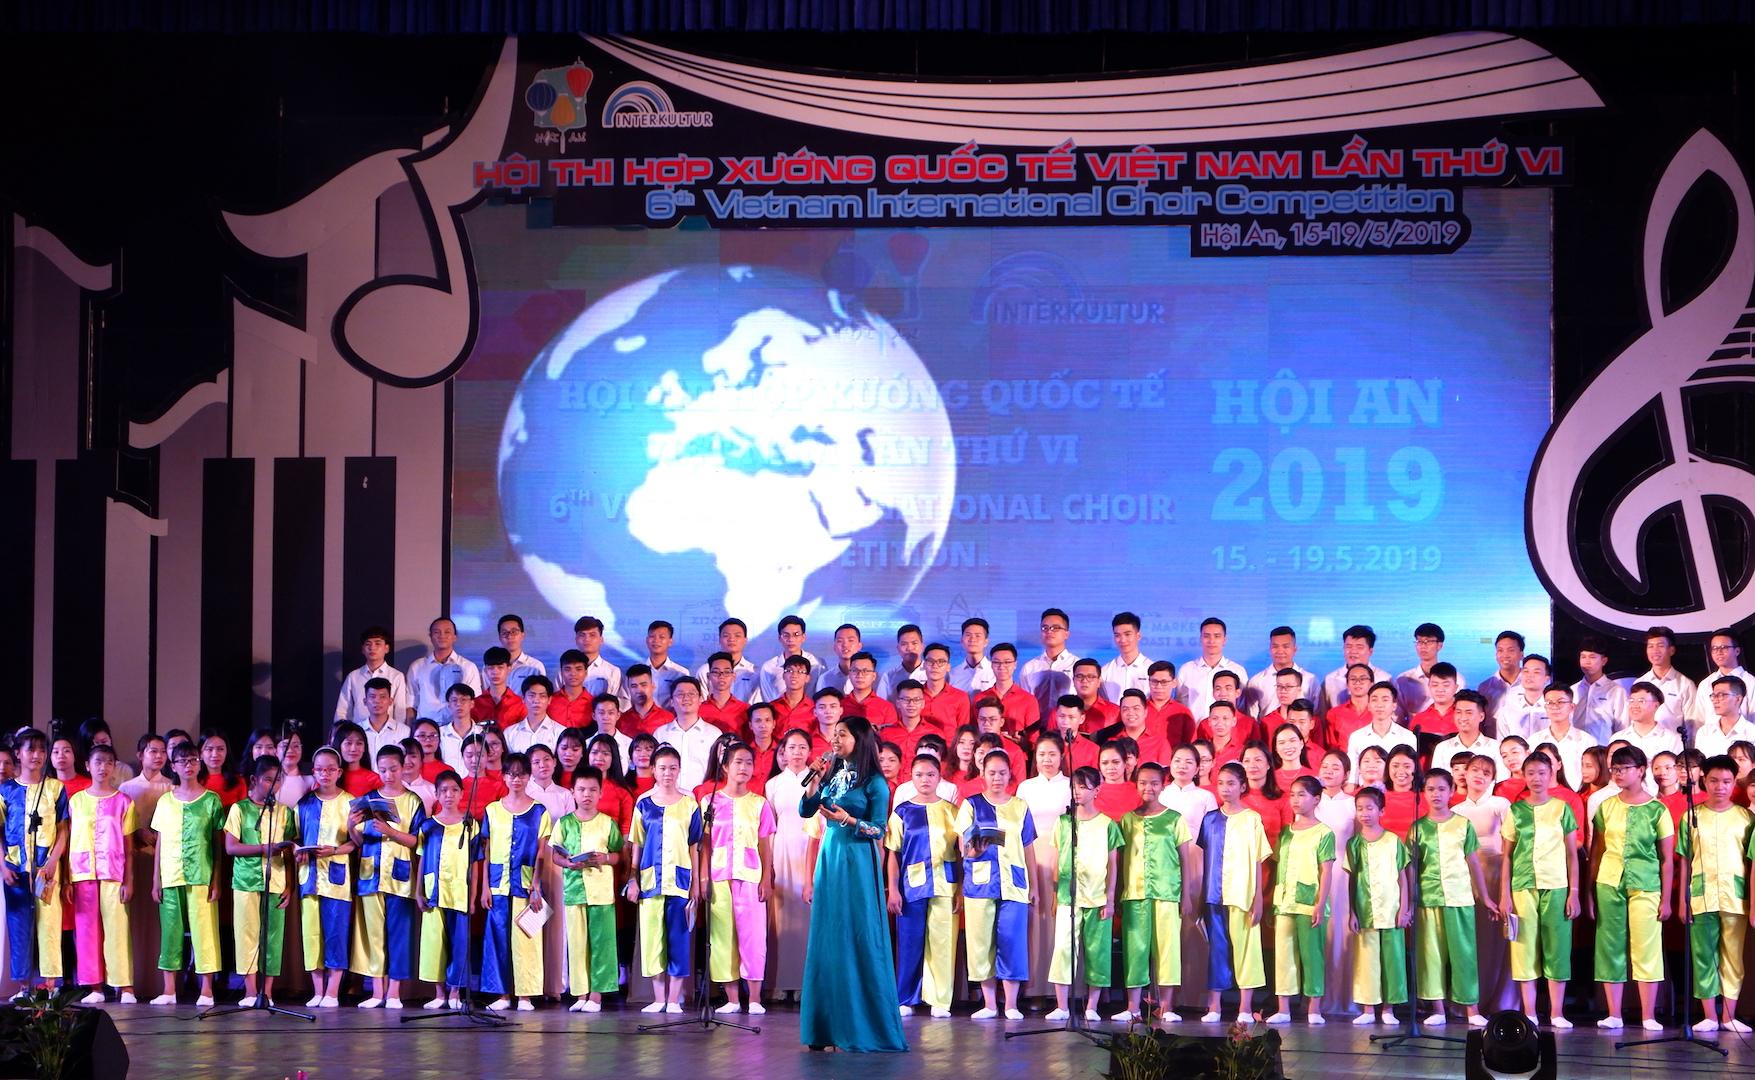 Gần 1.000 nghệ sĩ tranh tài tại Hội thi hợp xướng quốc tế Việt Nam